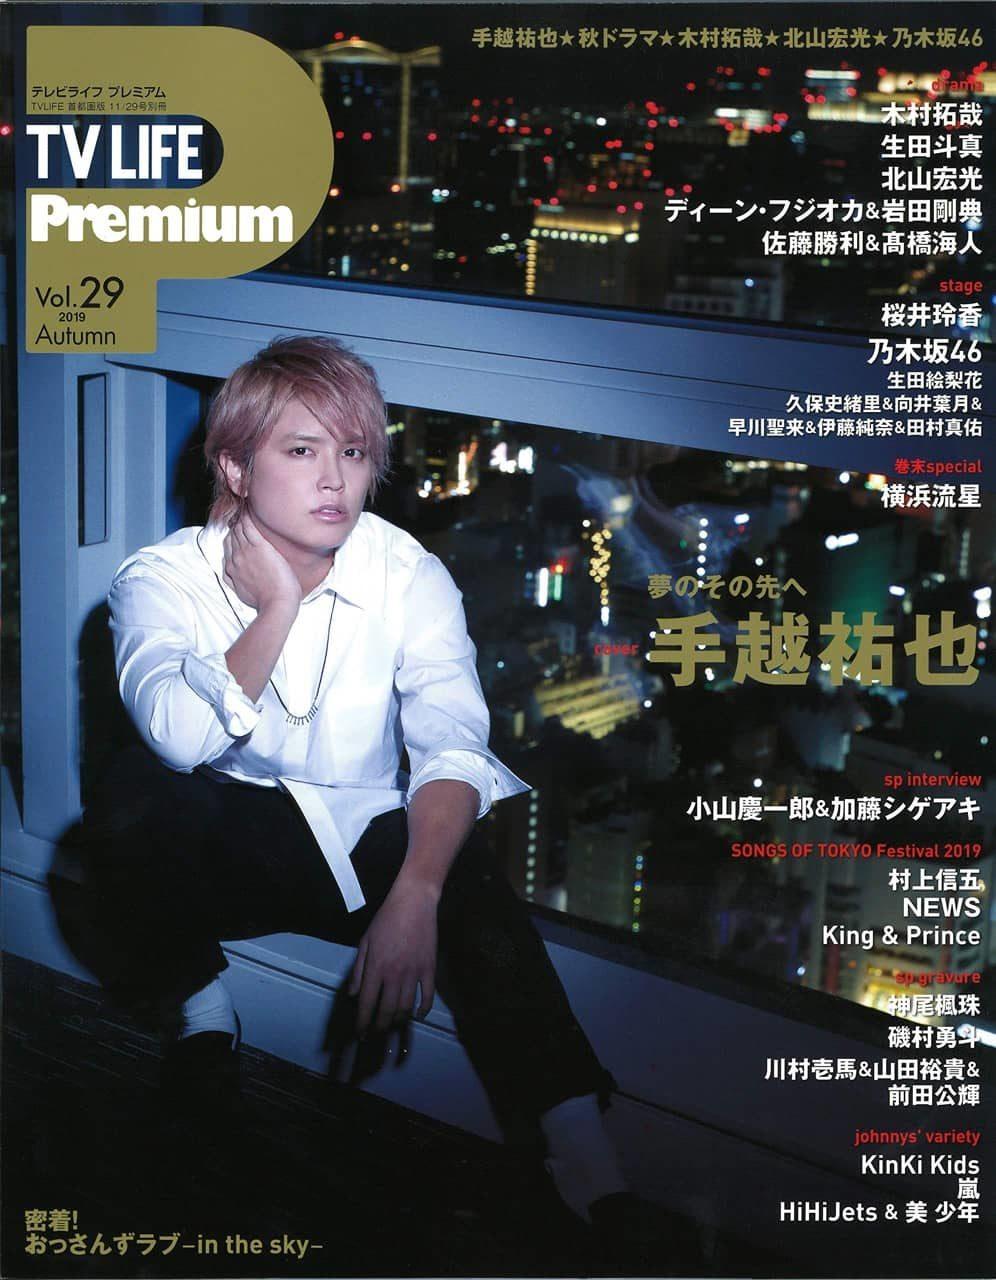 桜井玲香、乃木坂46 生田絵梨花 ほか掲載!「TV LIFE Premium Vol.29」10/16発売!